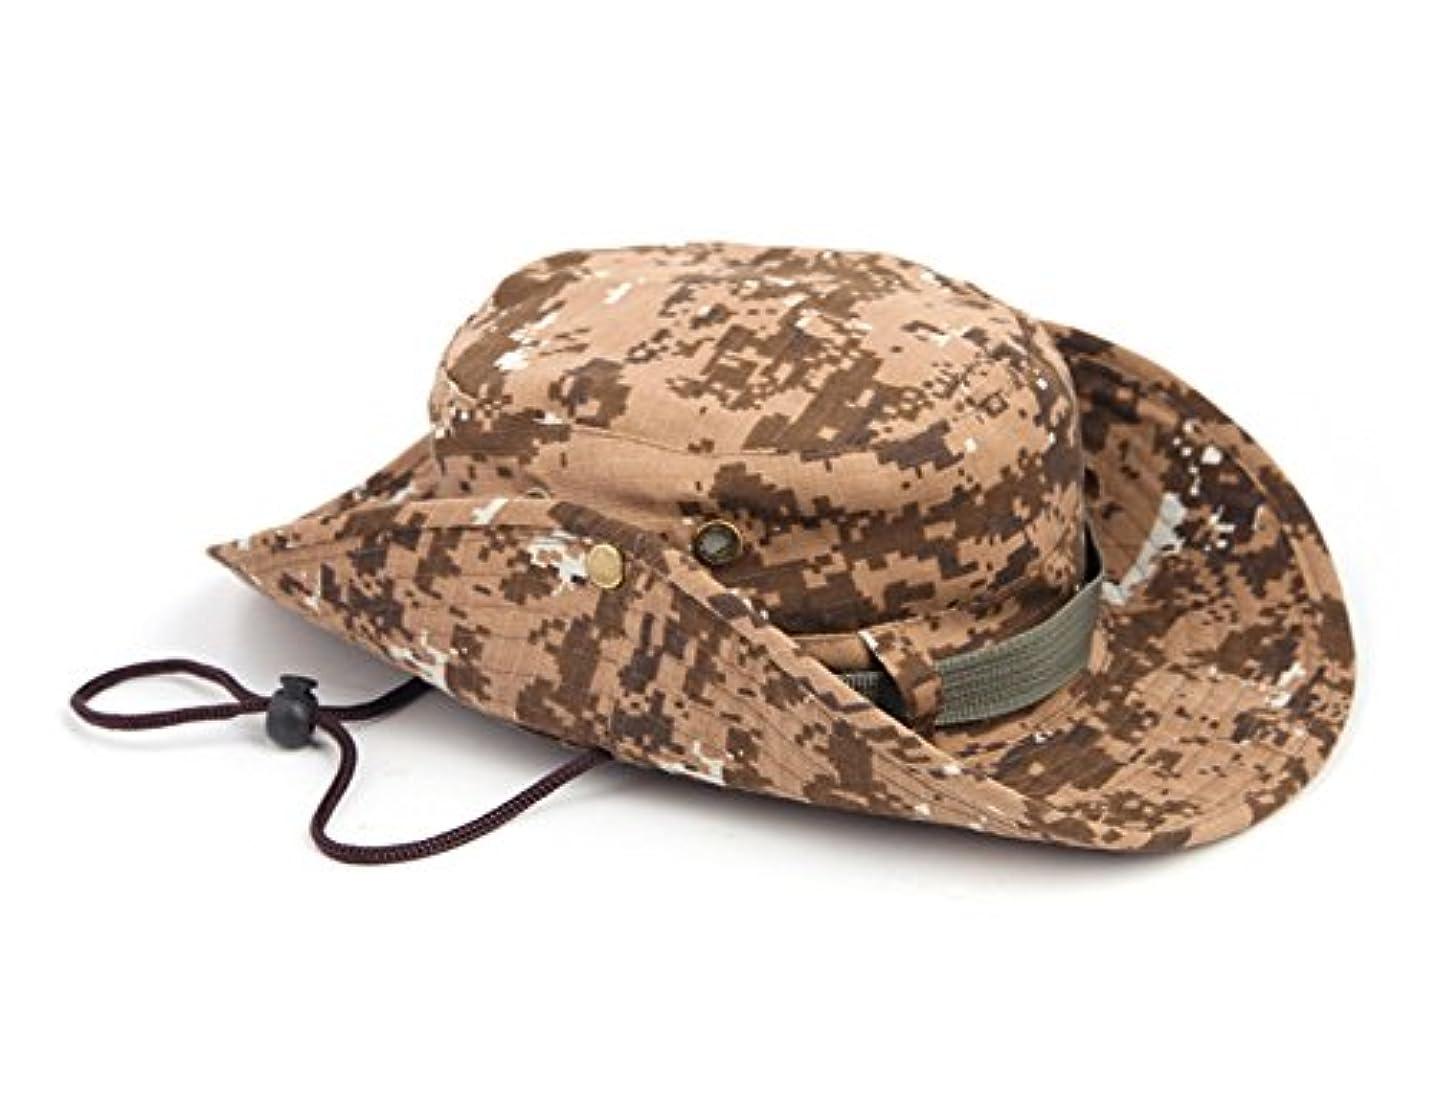 応用追加アクセルSurborder Shop スポーツスタイル デジタル ミリタリー 迷彩 アウトドア 帽子 ハンティング 釣り メッシュ生地 - 日焼け防止 - 釣りやハイキング用日よけ帽